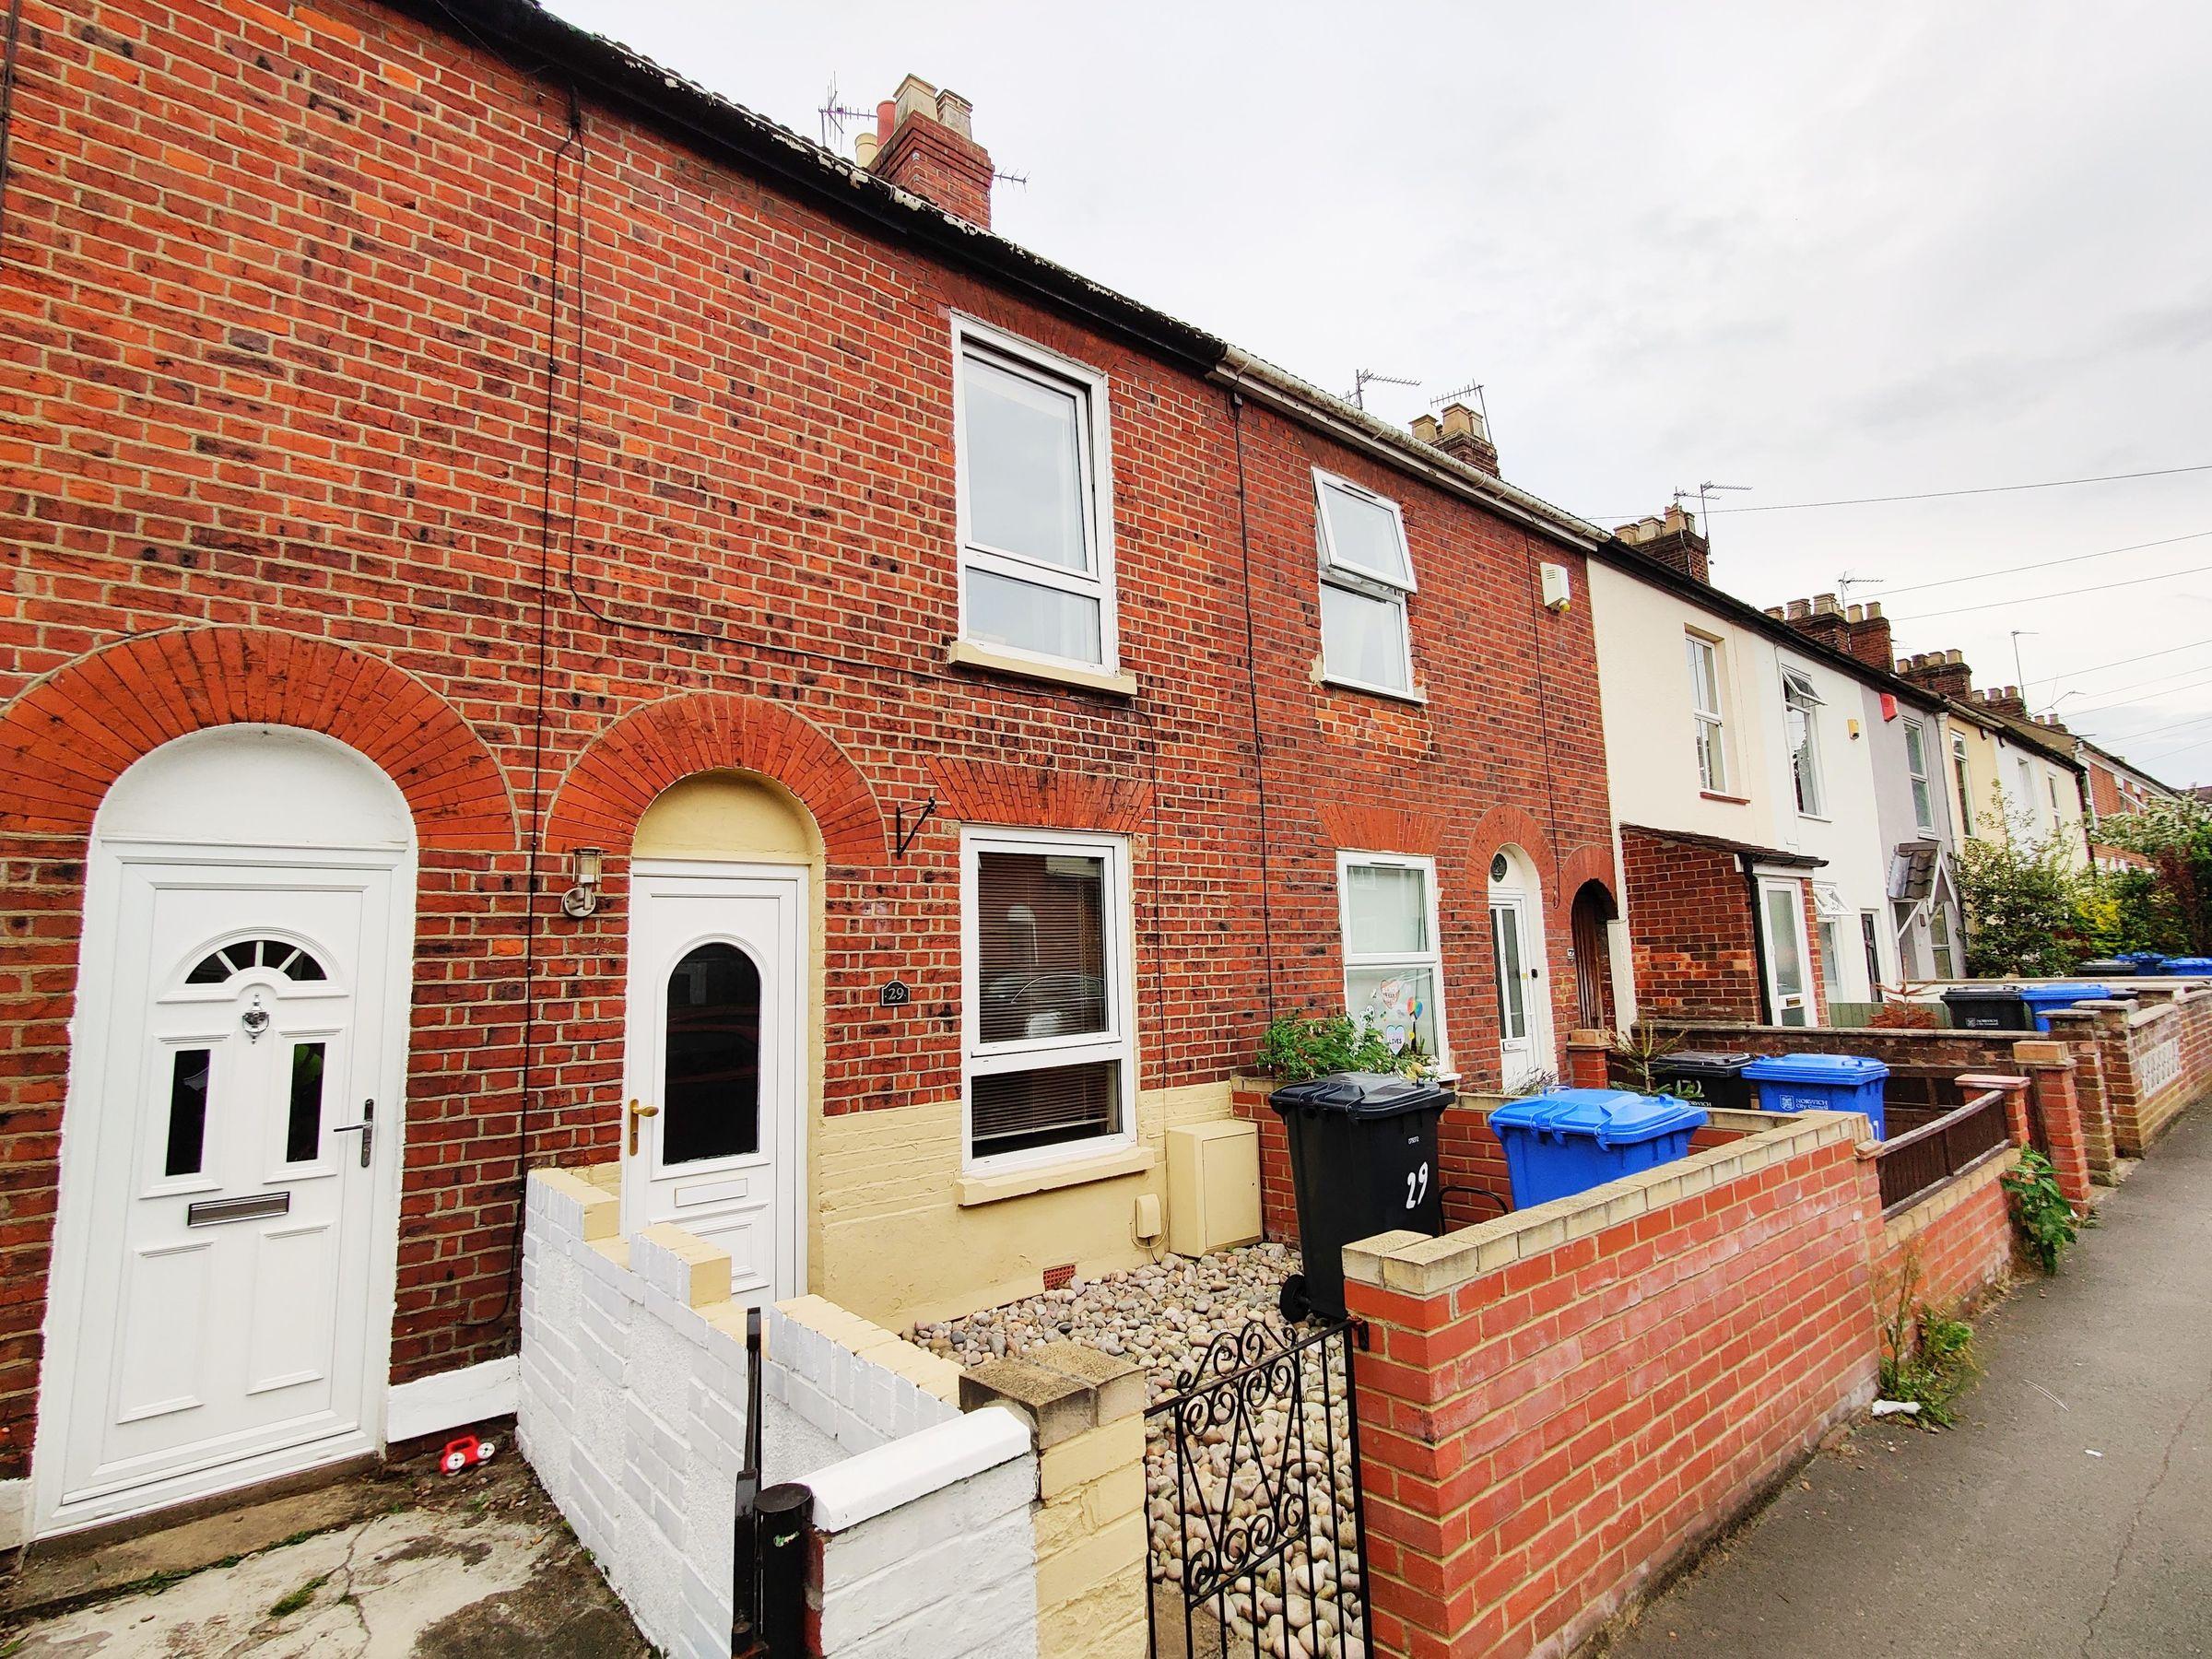 Property photo 1 of 9. Image